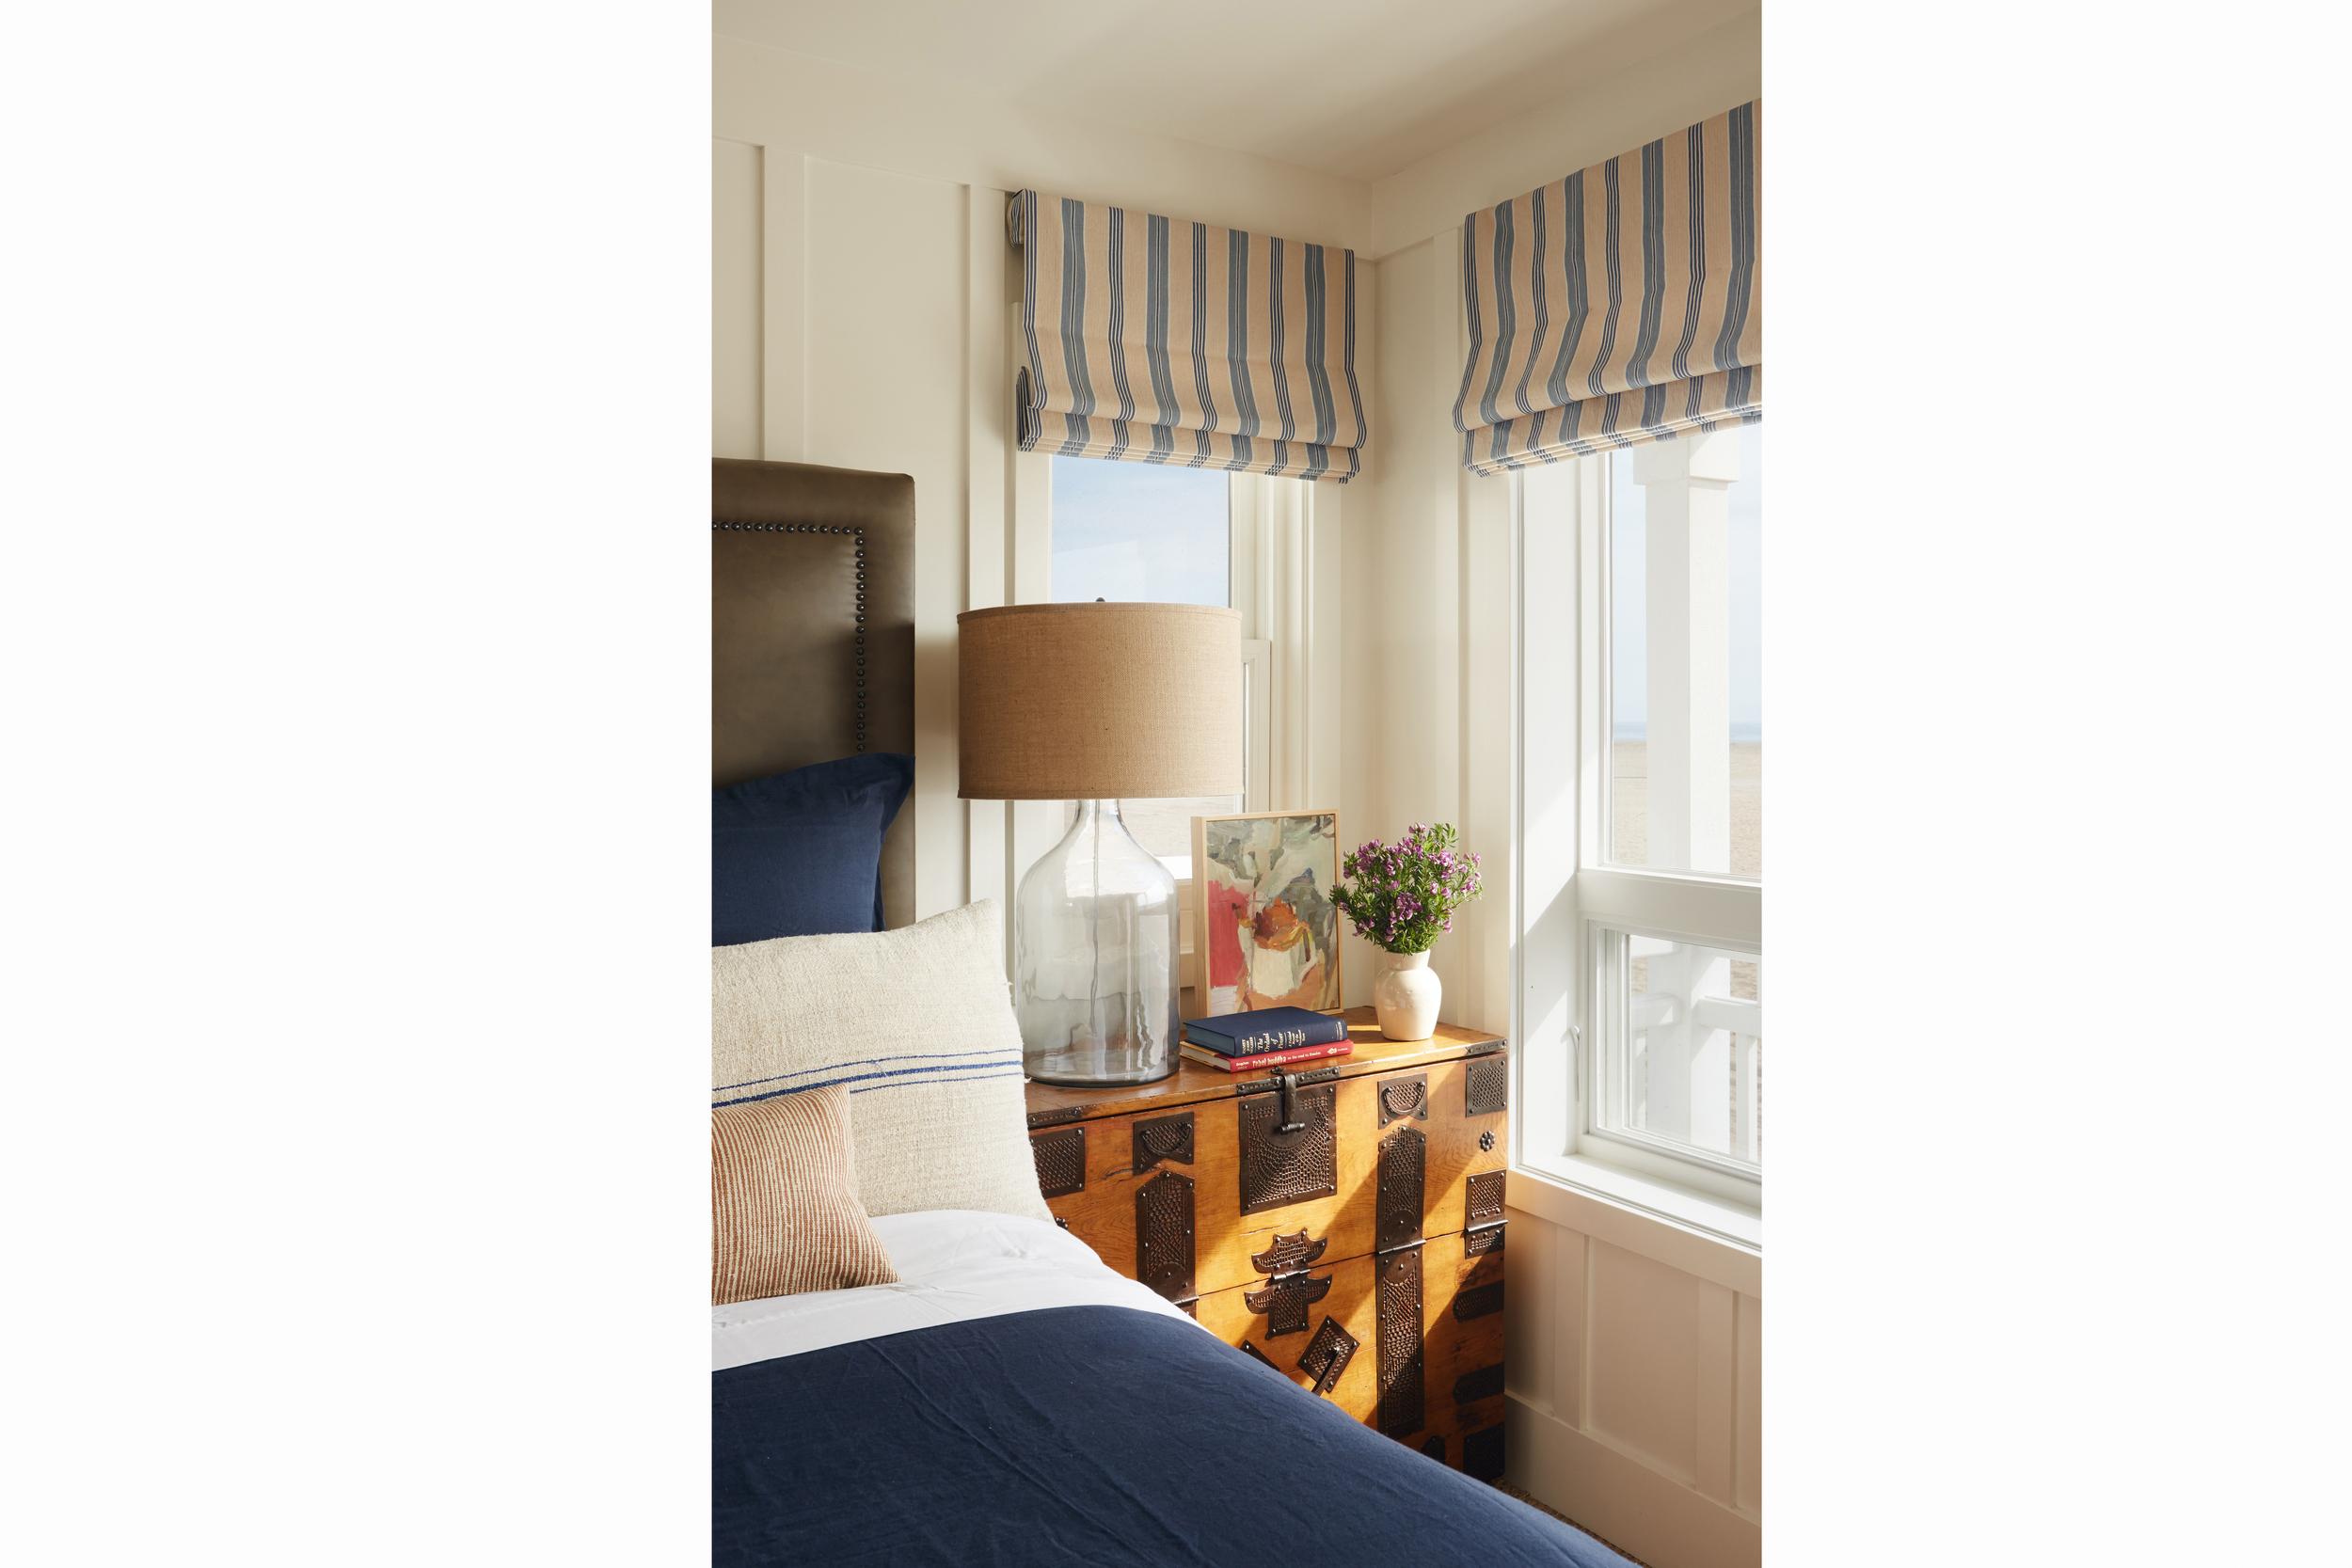 newport beach interior designer brittany stiles blue kitchen nautical stripes bedroom.jpg